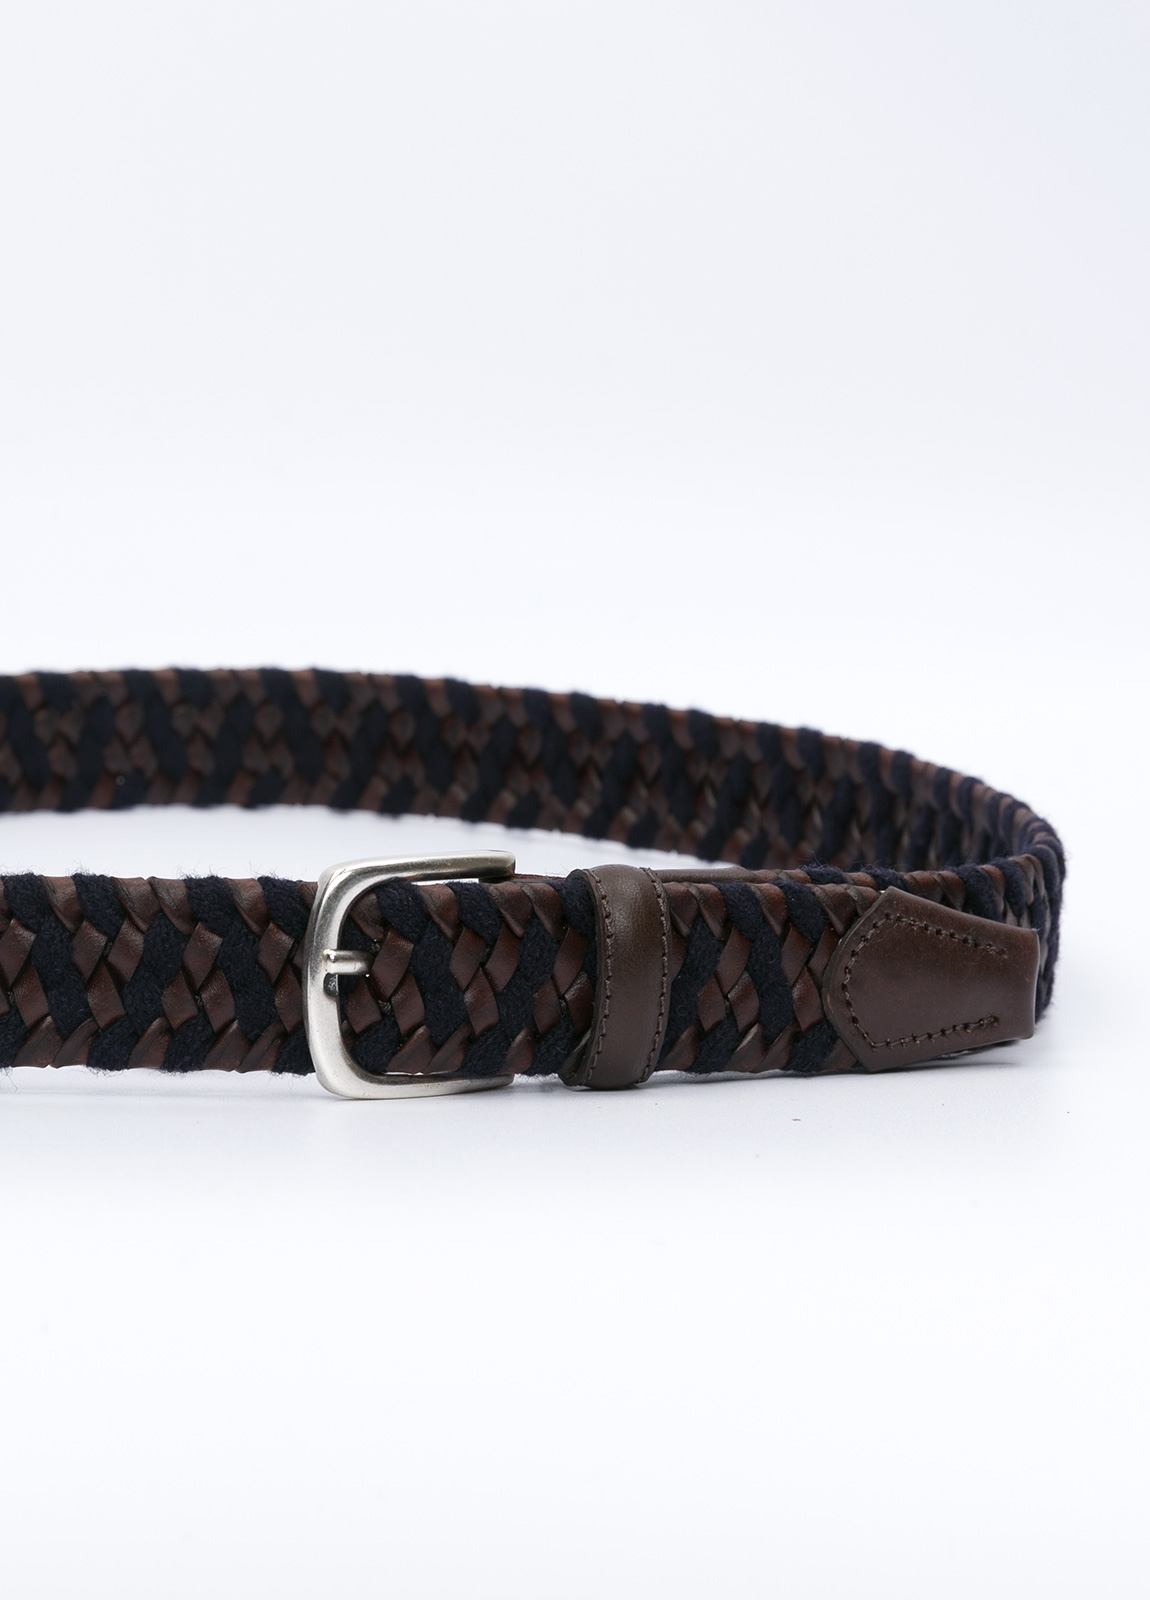 Cinturón sport piel trenzada color marrón y azul marino. 100% Piel y elástico. - Ítem1